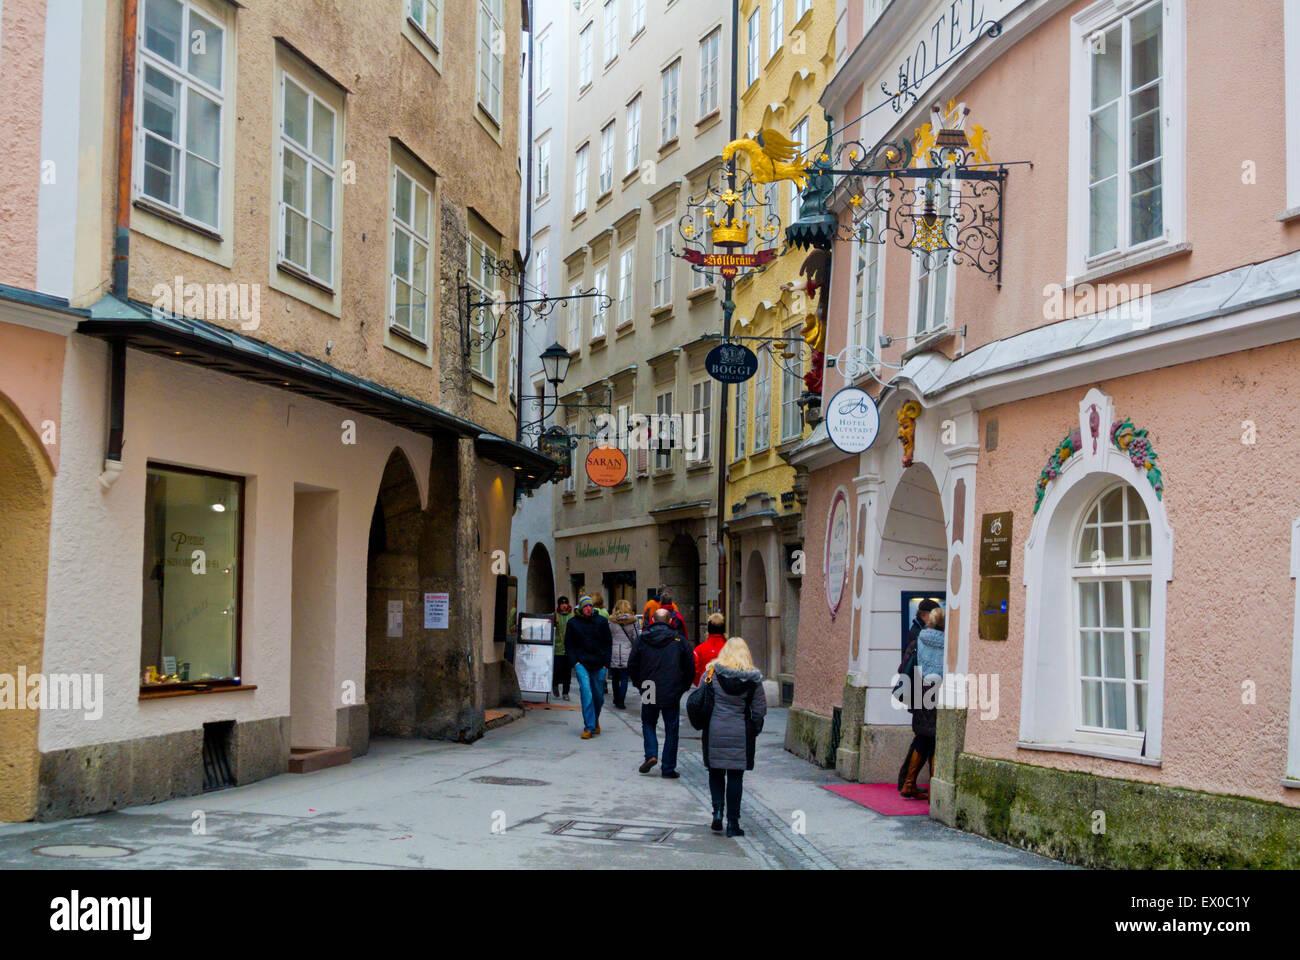 Judengasse, Fußgängerzone, Altstadt, Altstadt, Salzburg, Österreich Stockbild